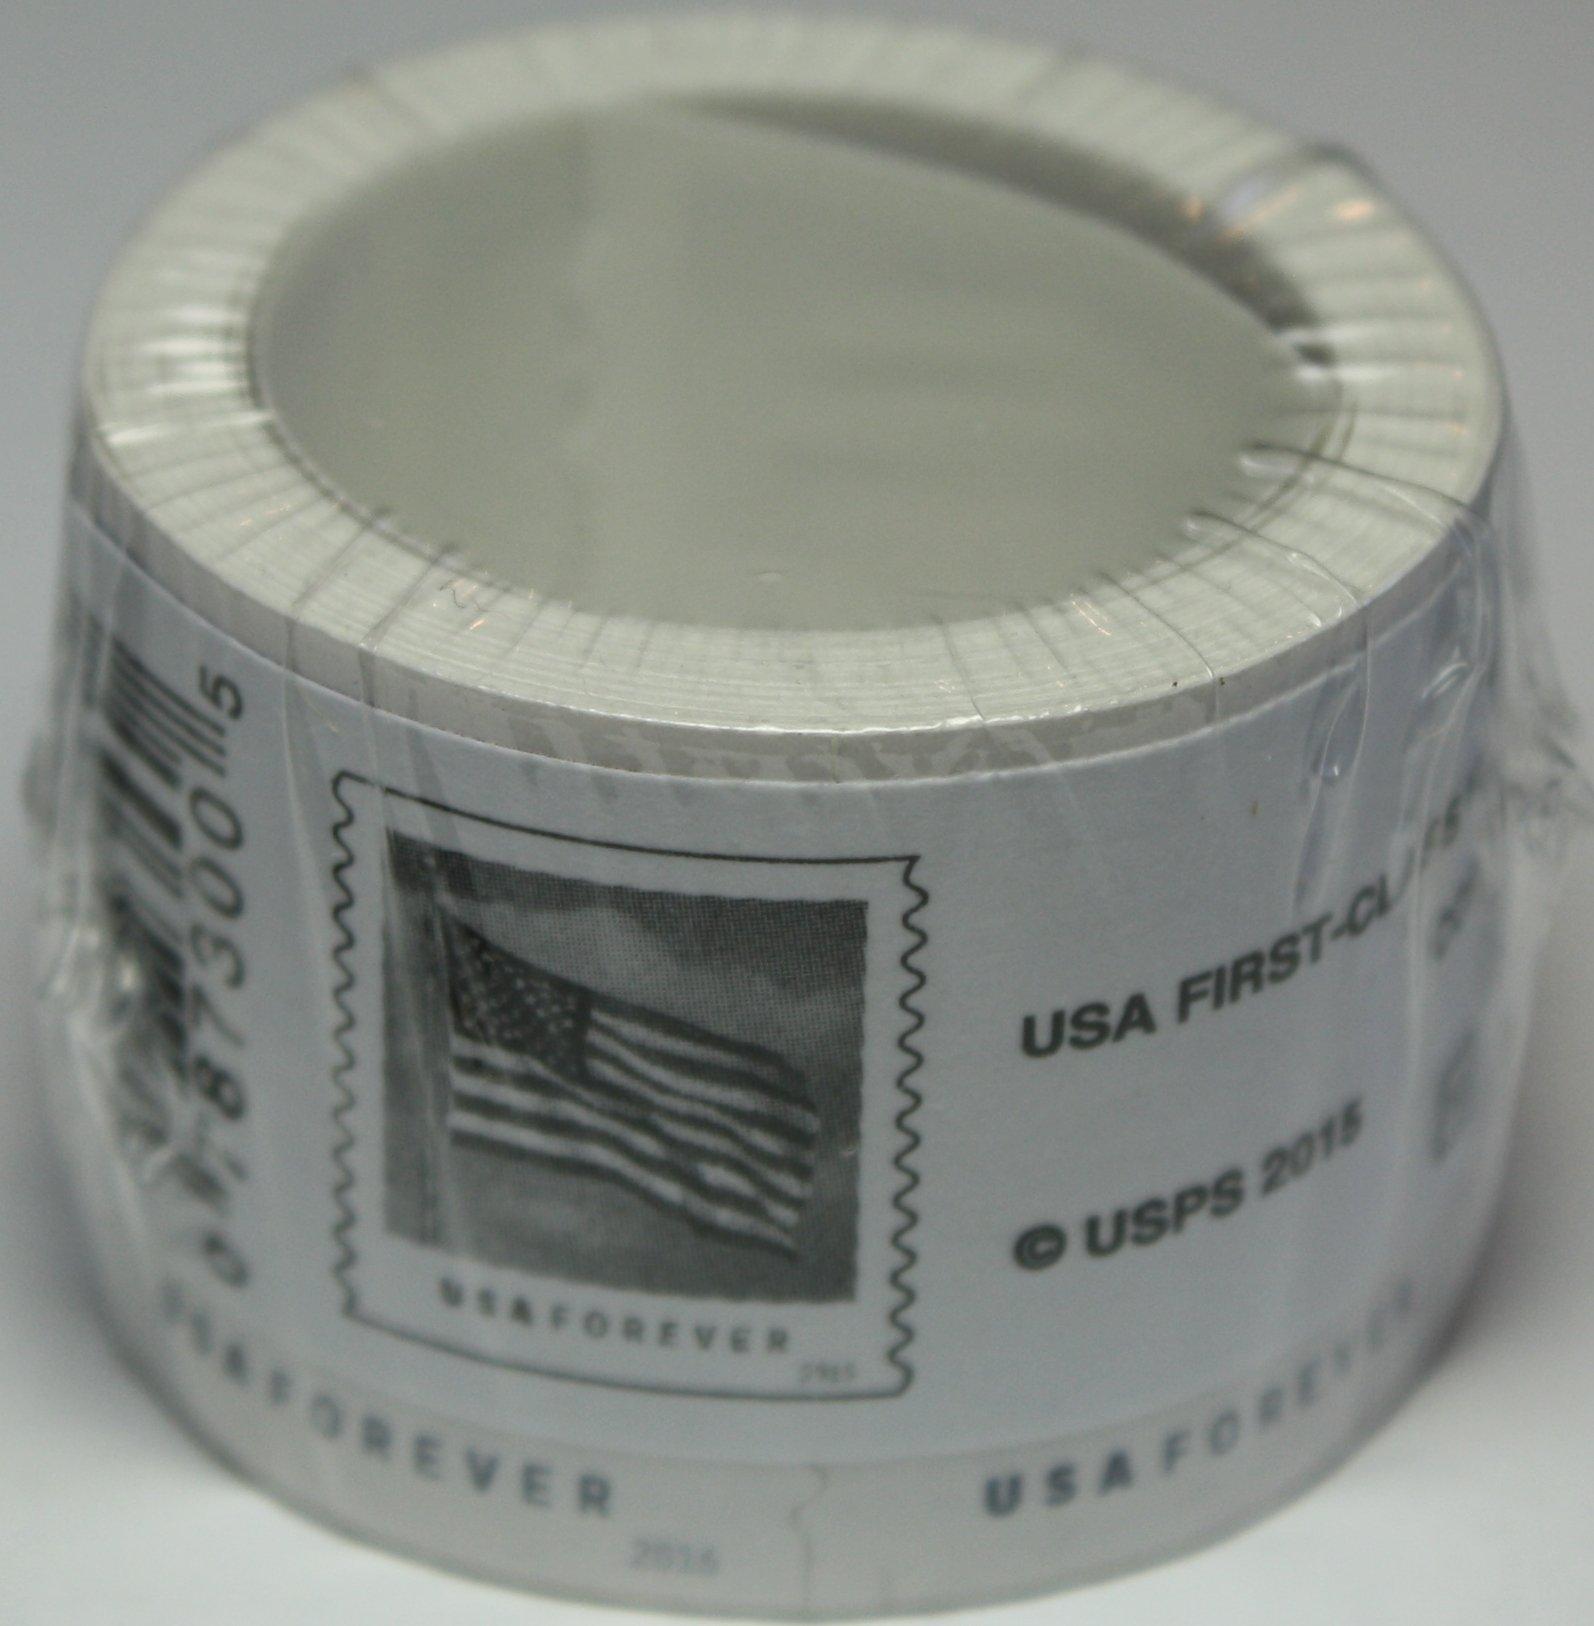 usps forever r stamps coil of 100 postage stamps stamp design may vary ebay. Black Bedroom Furniture Sets. Home Design Ideas